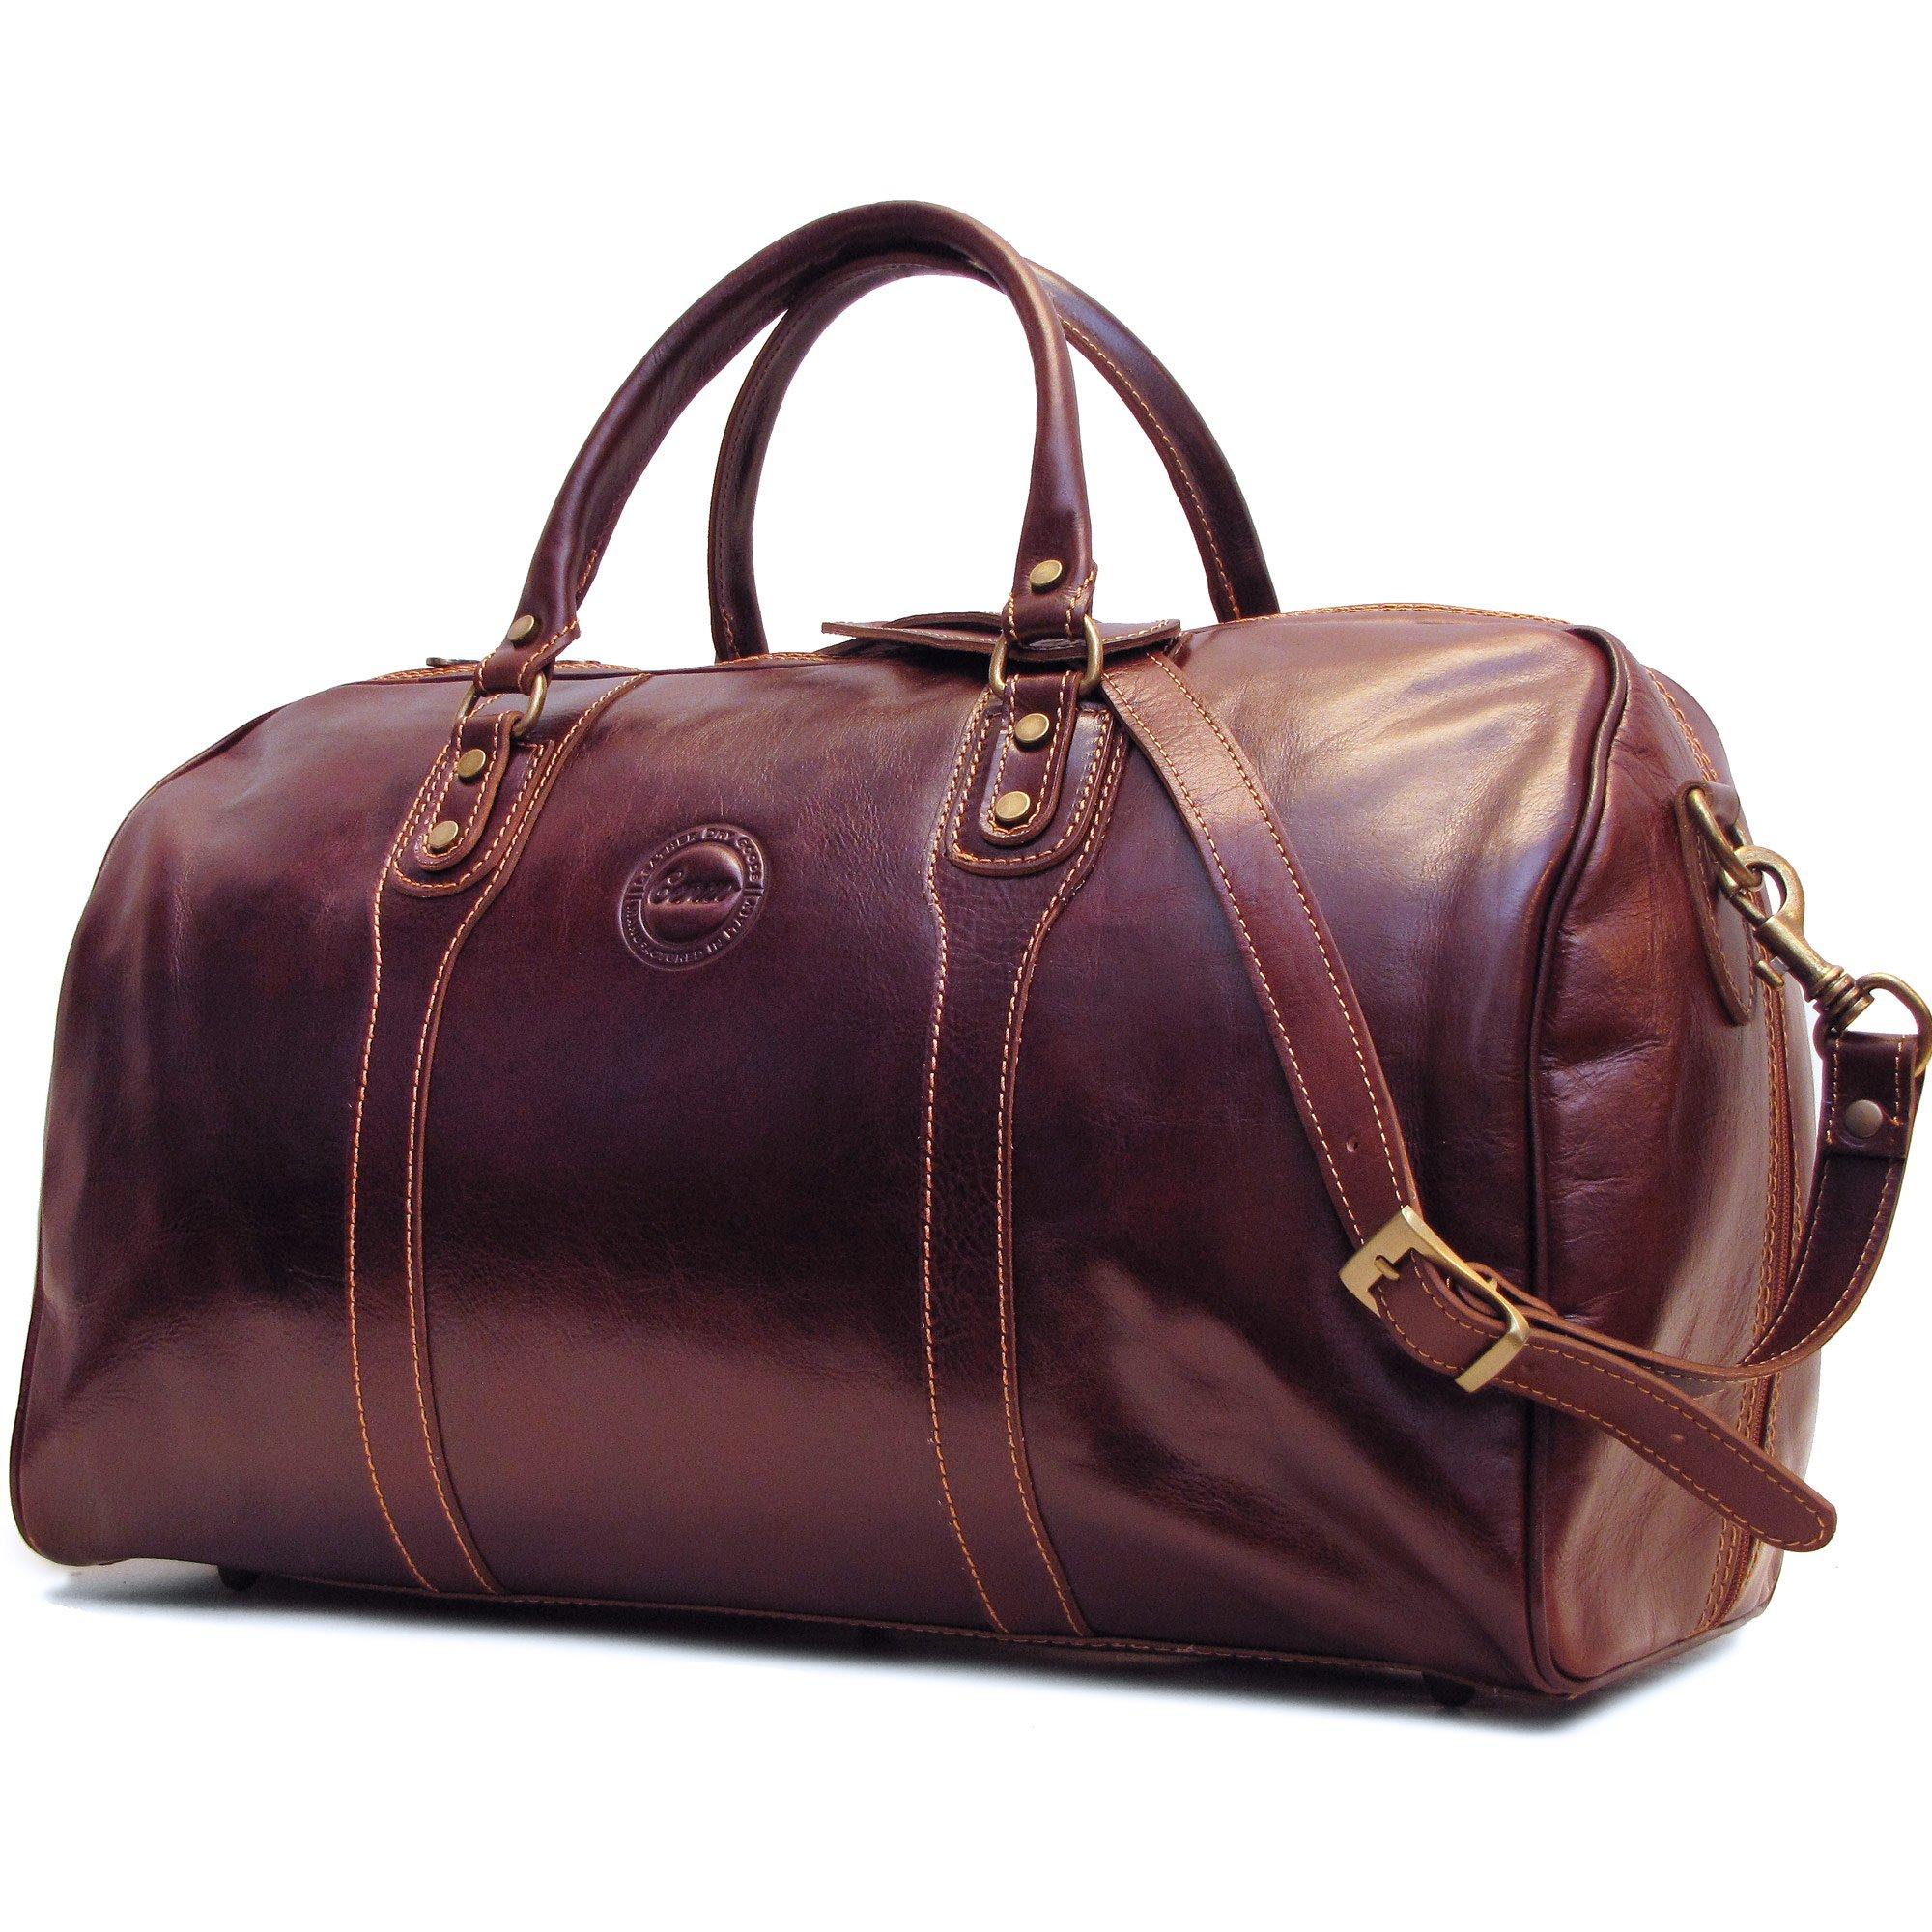 Soft Leather Travel Handbags - Dream Shuttles 6e91ac69e2773